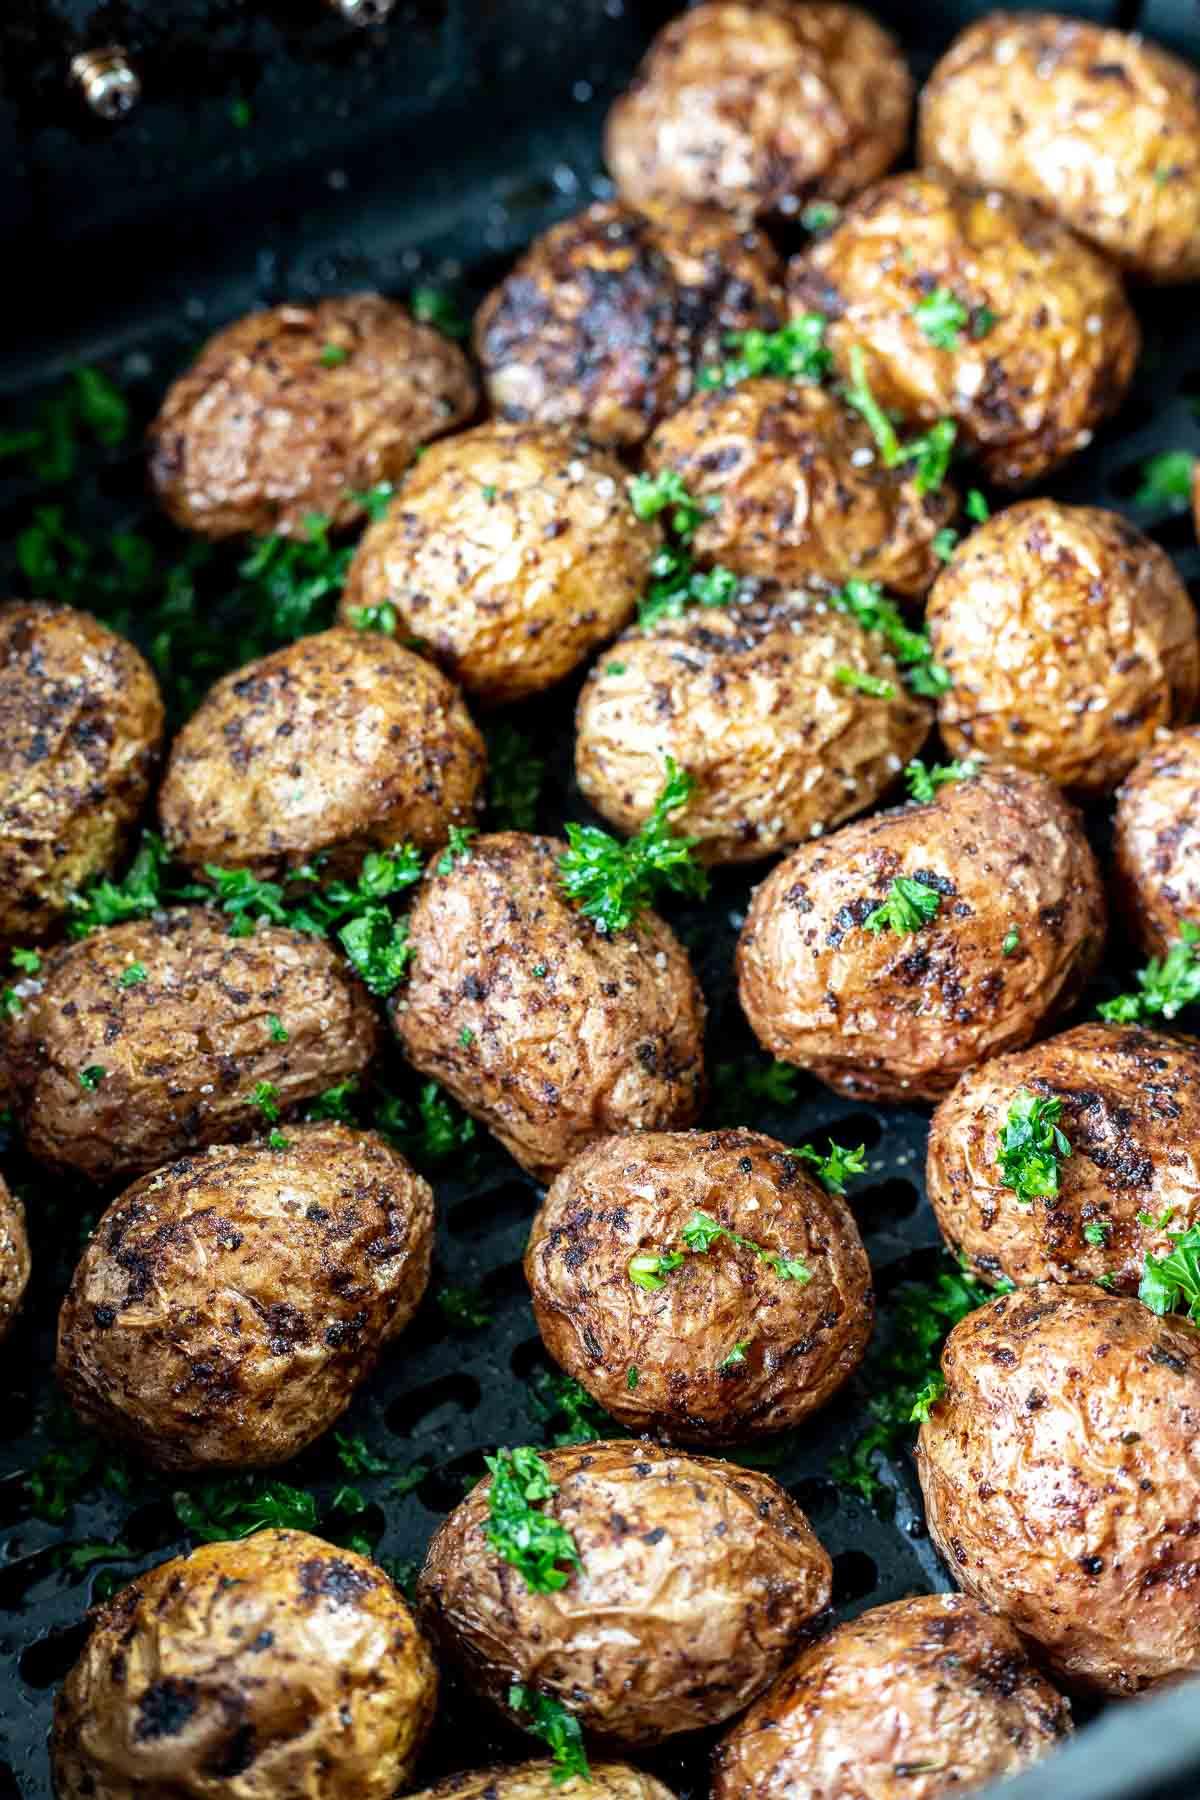 roasted potatoes in air fryer basket